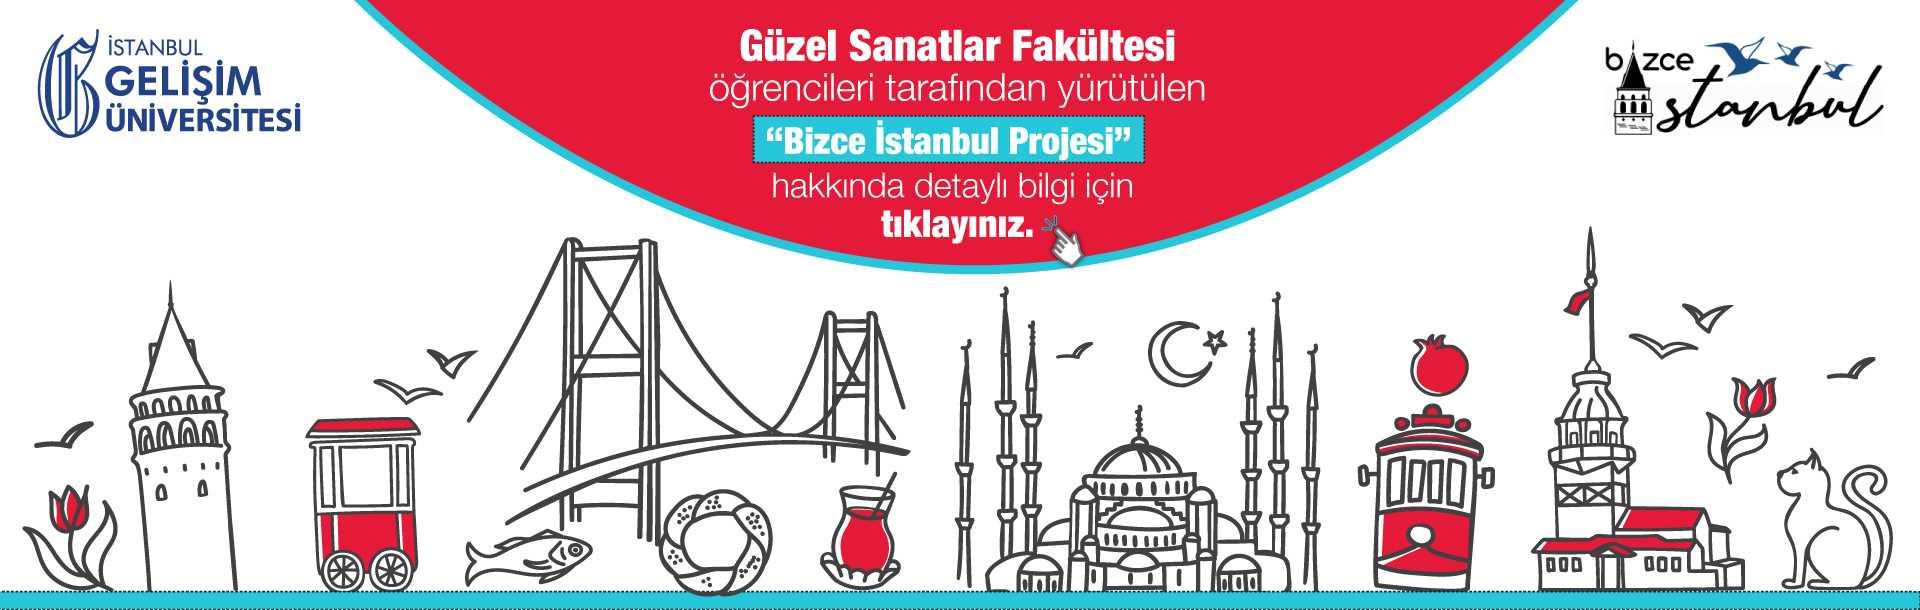 Bizce İstanbul Projesi - İstanbul Gelişim Üniversitesi Güzel Sanatlar Fakültesi